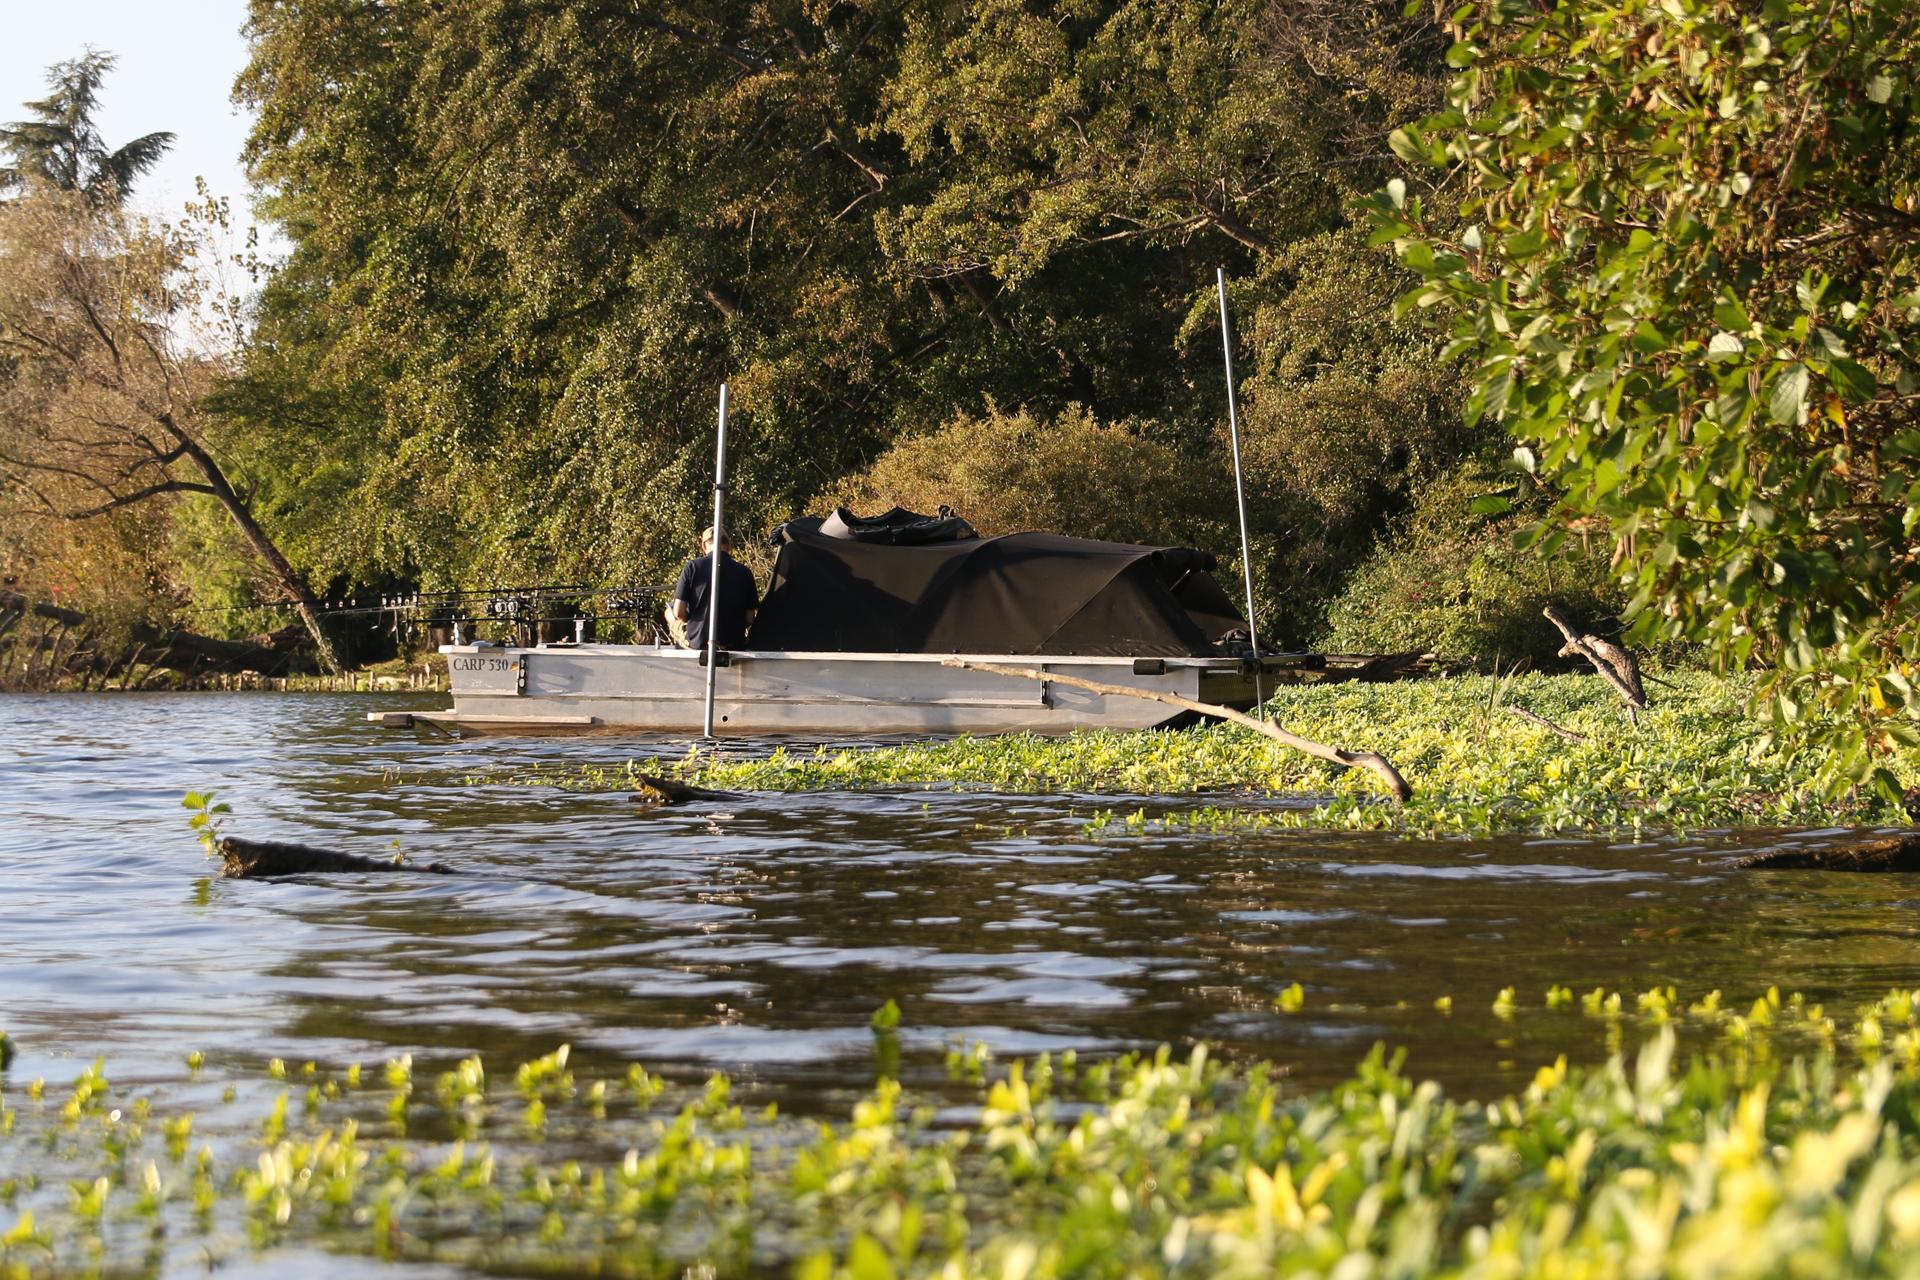 LOT-EXPERIENCE - Natuur, avontuur en een unieke ervaring vanuit de boot op de Franse rivier de Lot!